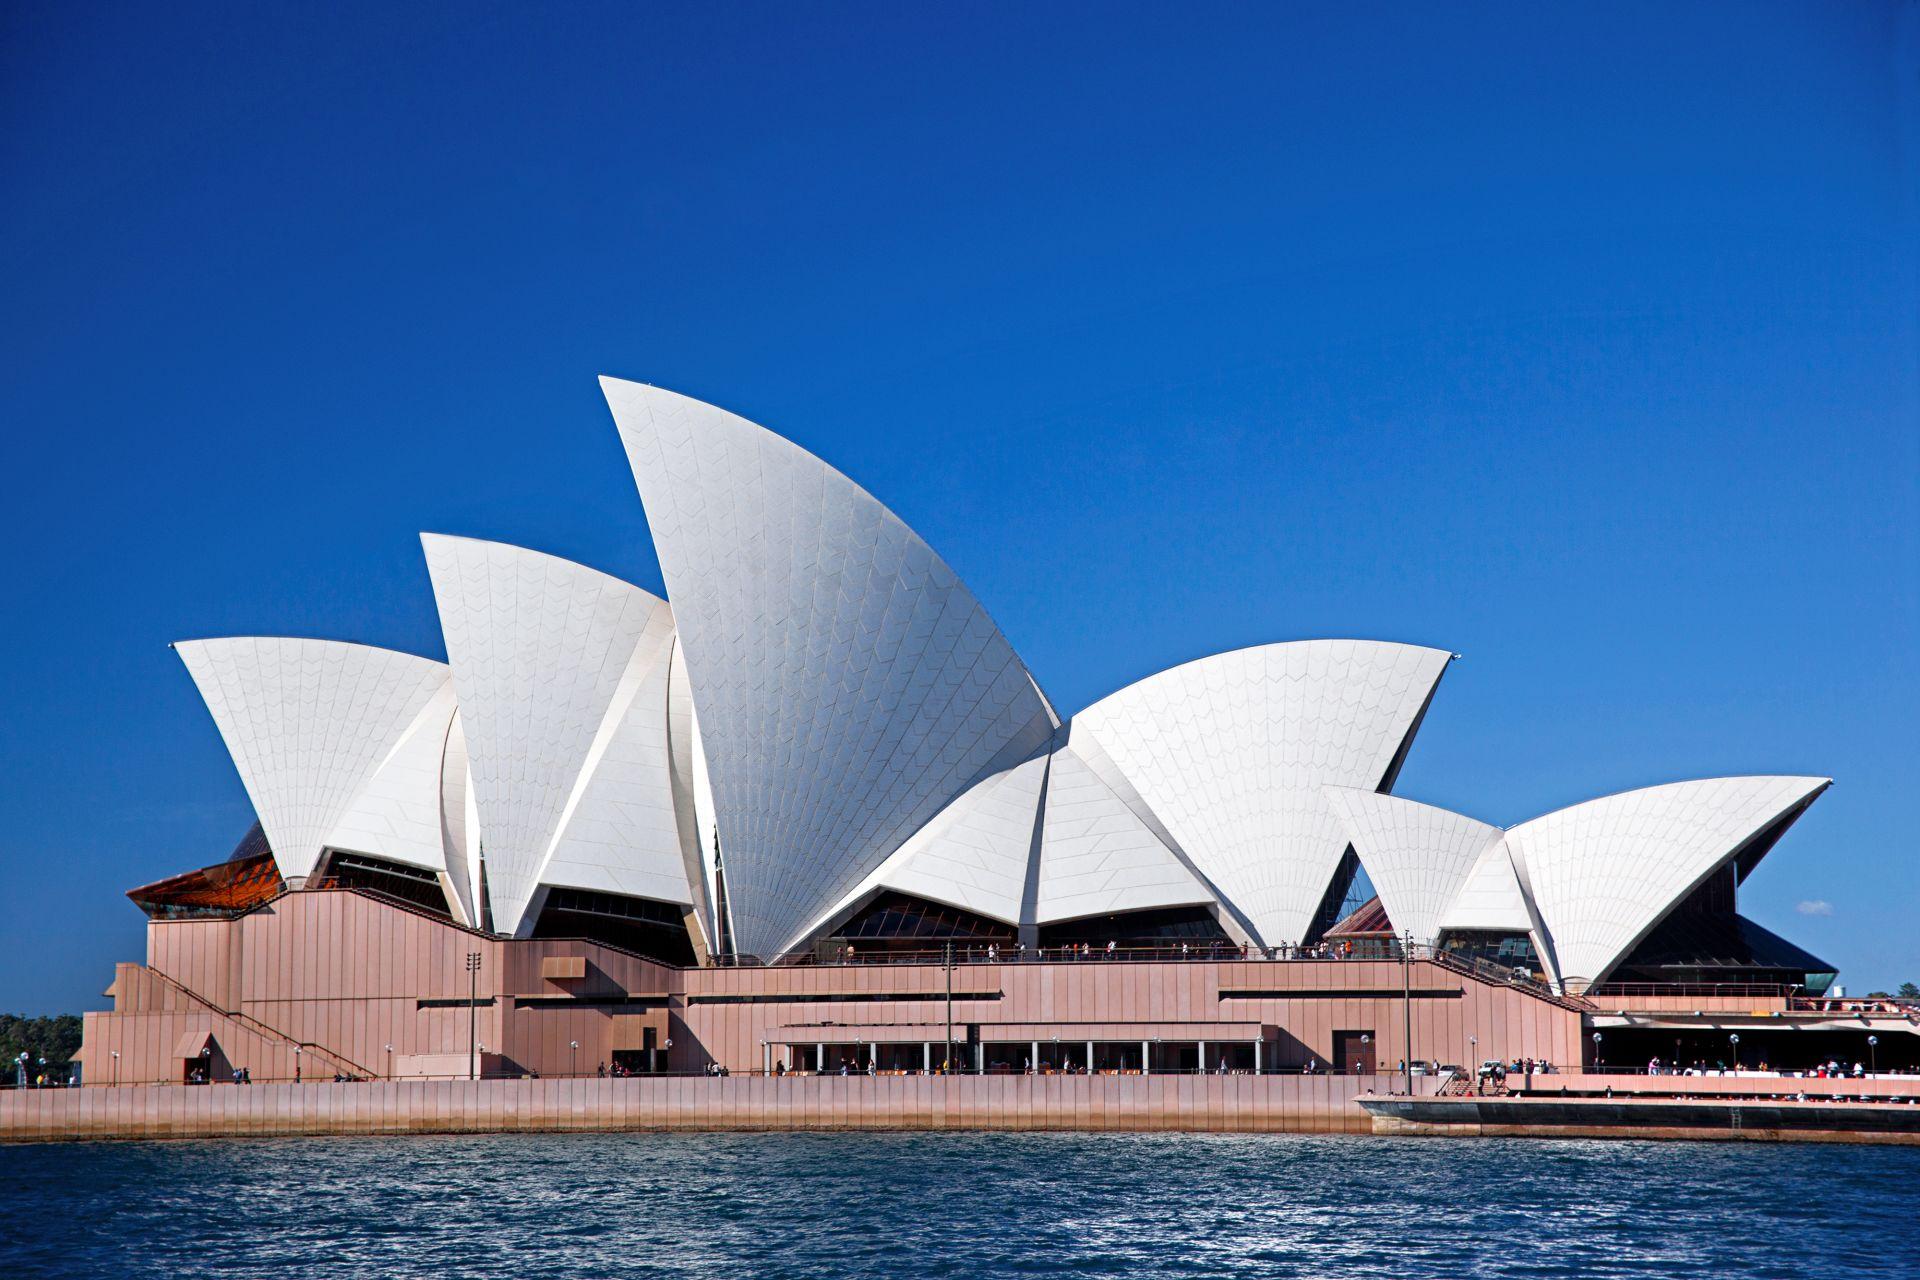 австралия достопримечательности фото и описание мобильным ним